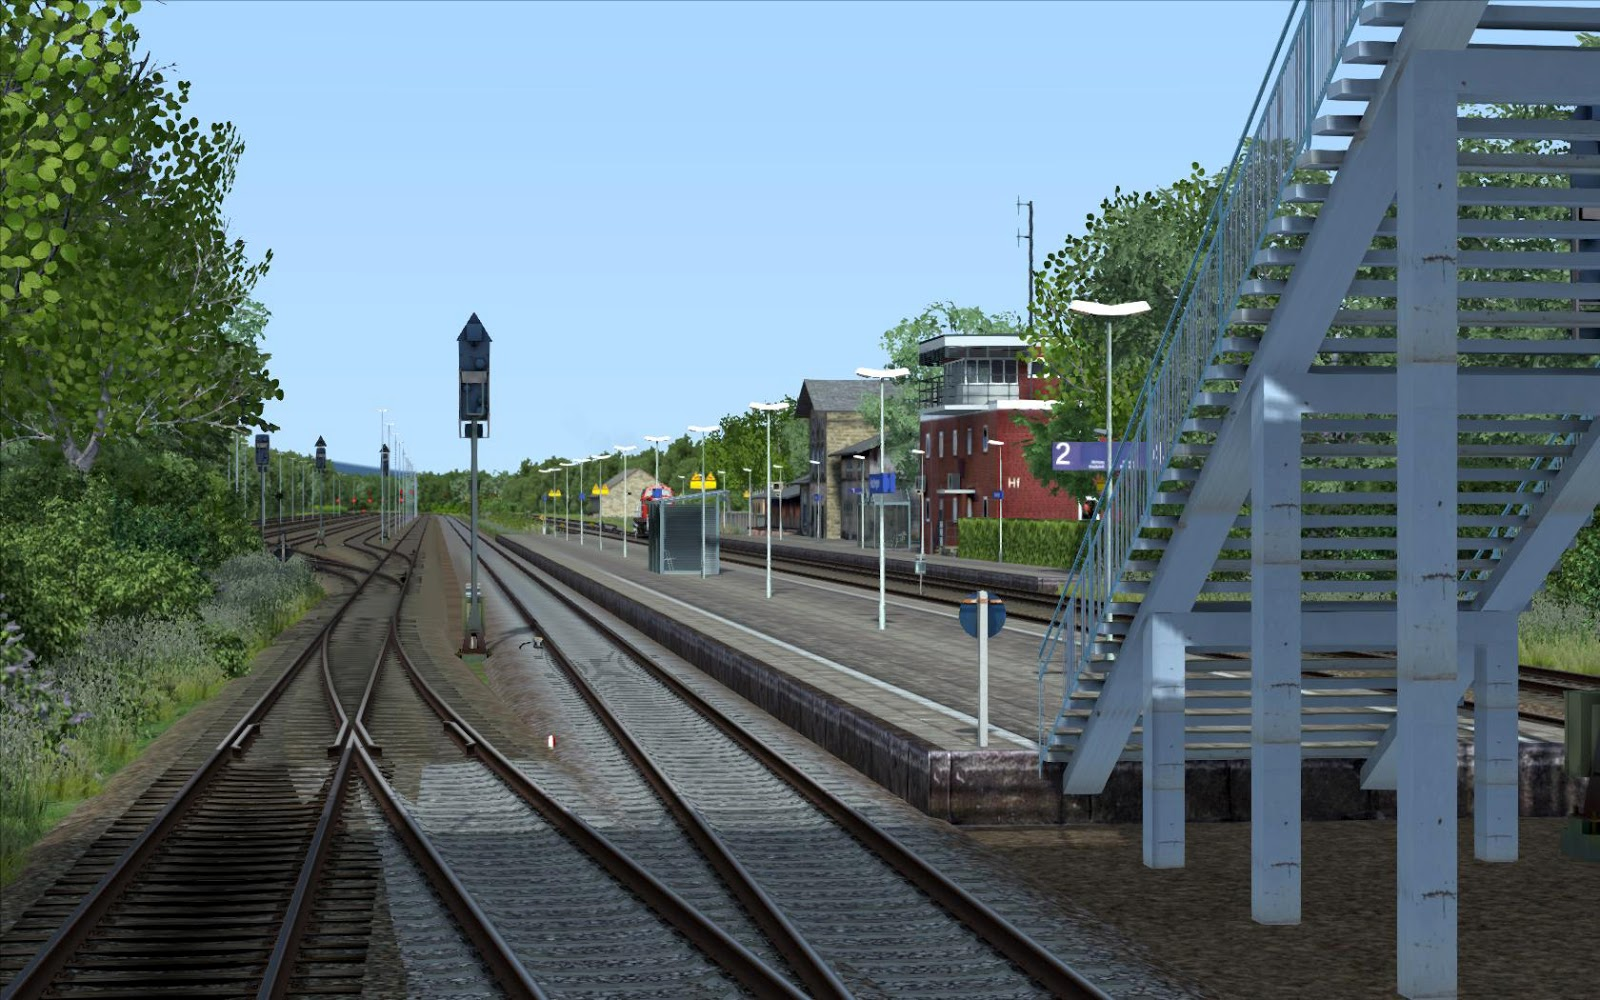 Les gares de Natrup-Hagenm et de Hasbergen ont été ajoutées à l'itinéraire Münster - Brême.